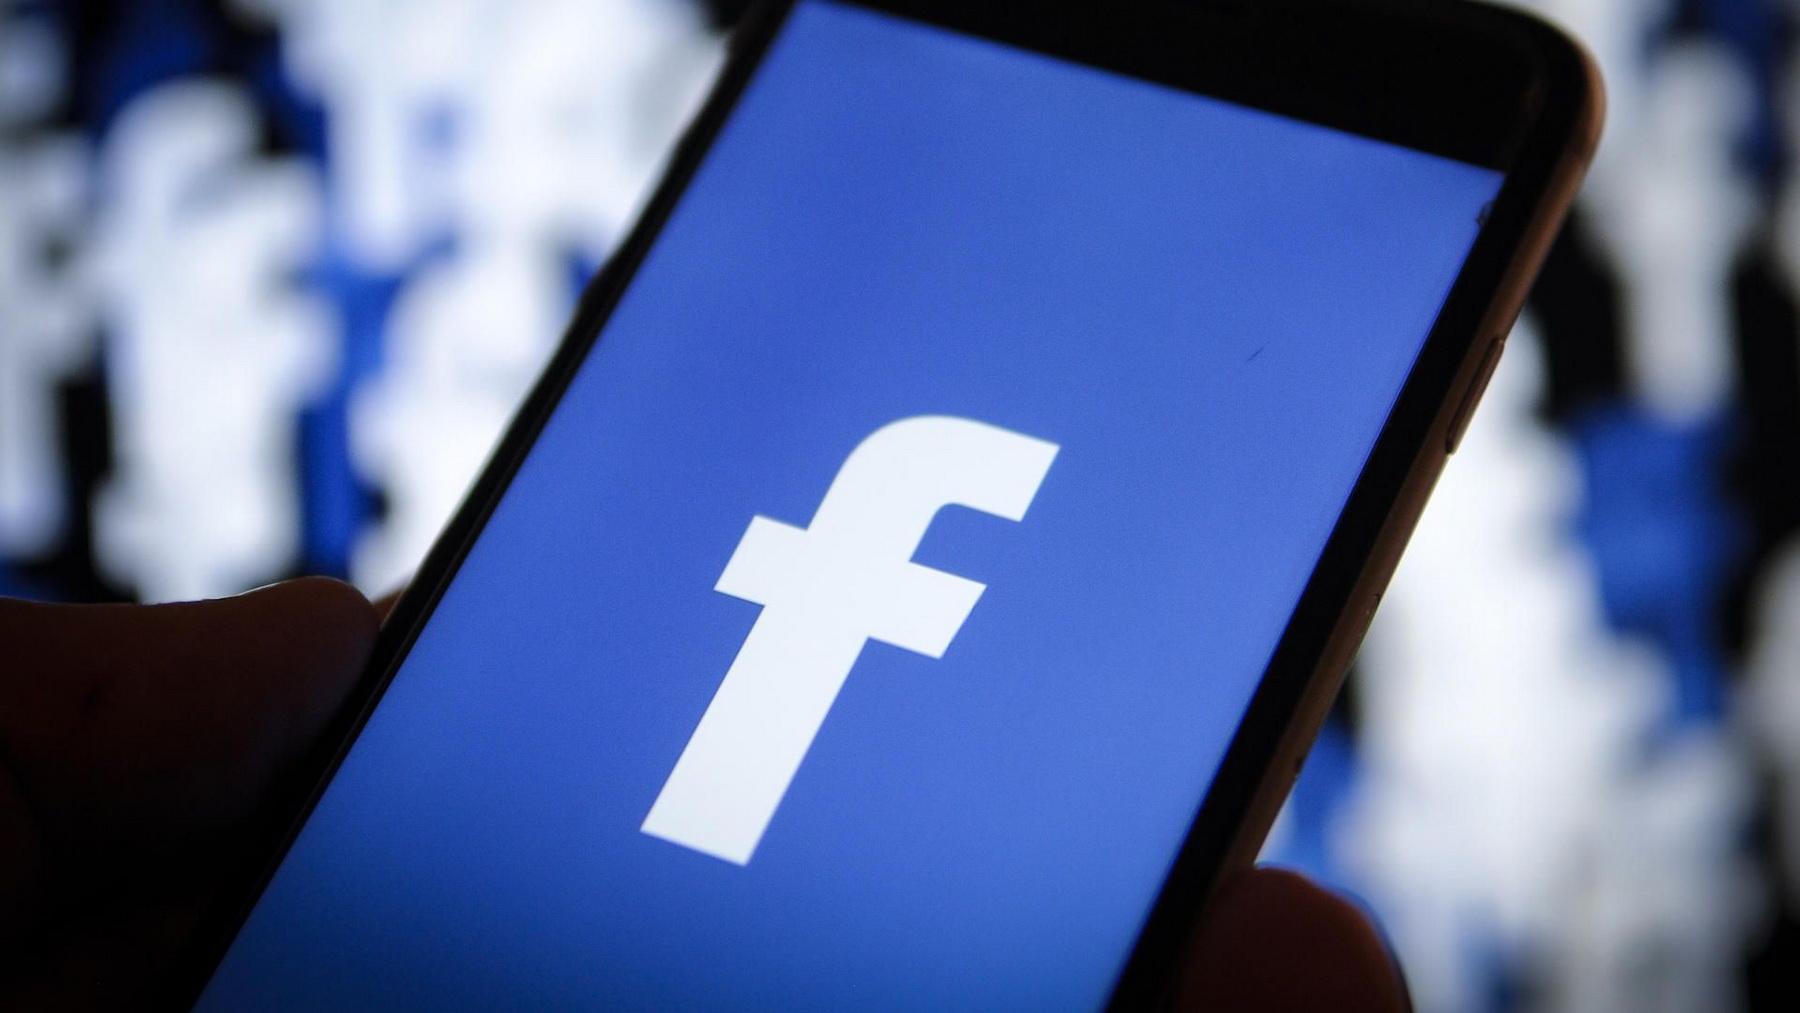 Разработчики Facebook случайно сделали сообщения 14 млн пользователей видимыми для всех